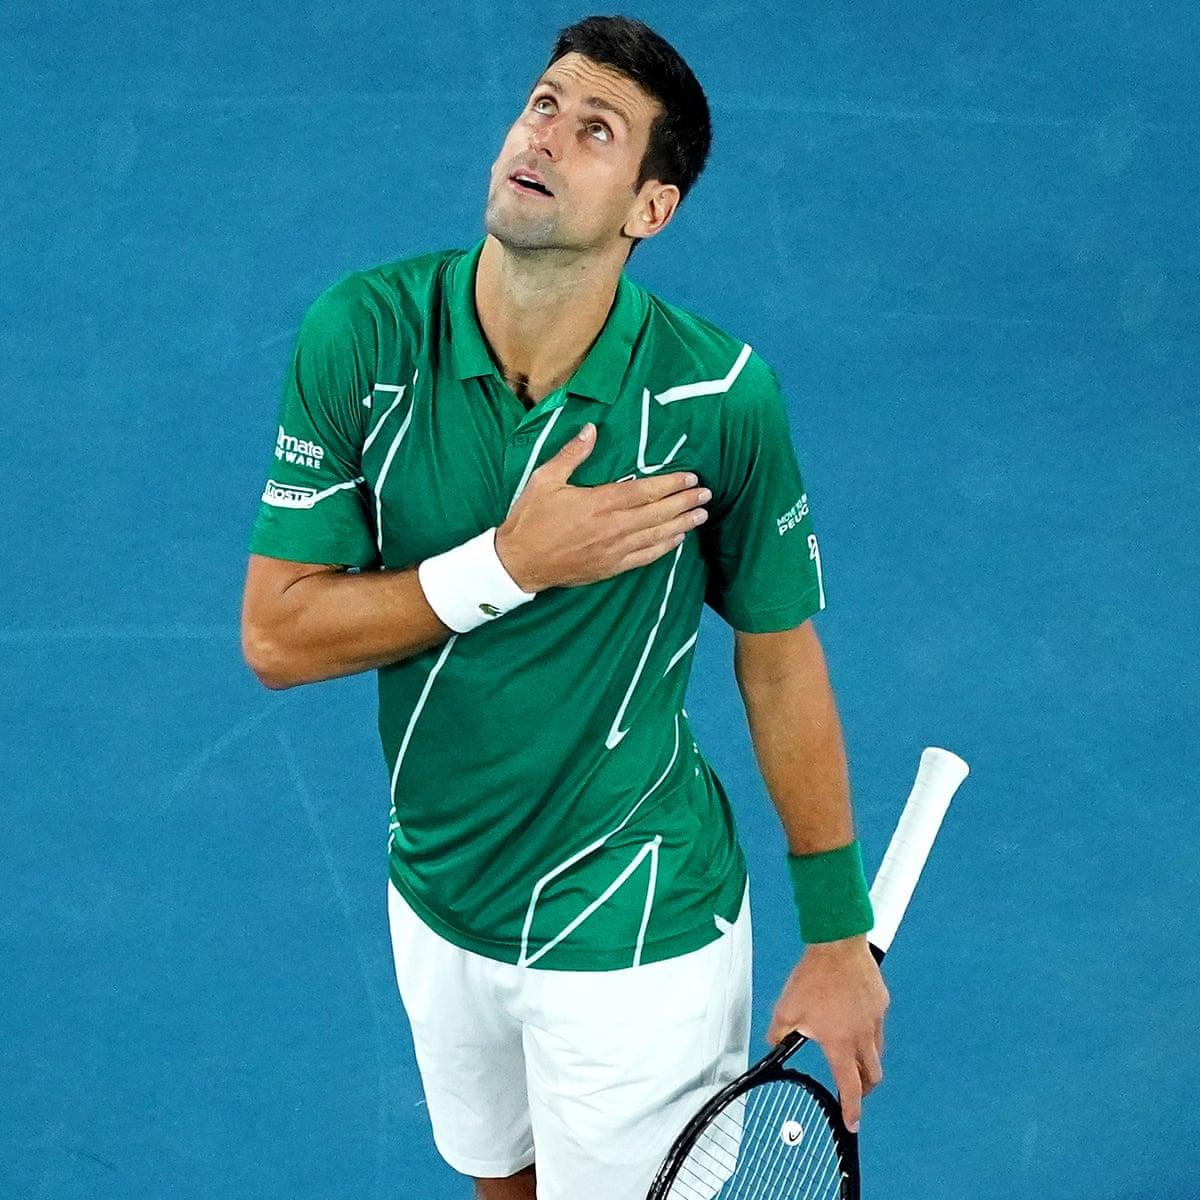 Australian Open 2020 Djokovic Beats Raonic In Straight Sets As It Happened Sport The Guardian